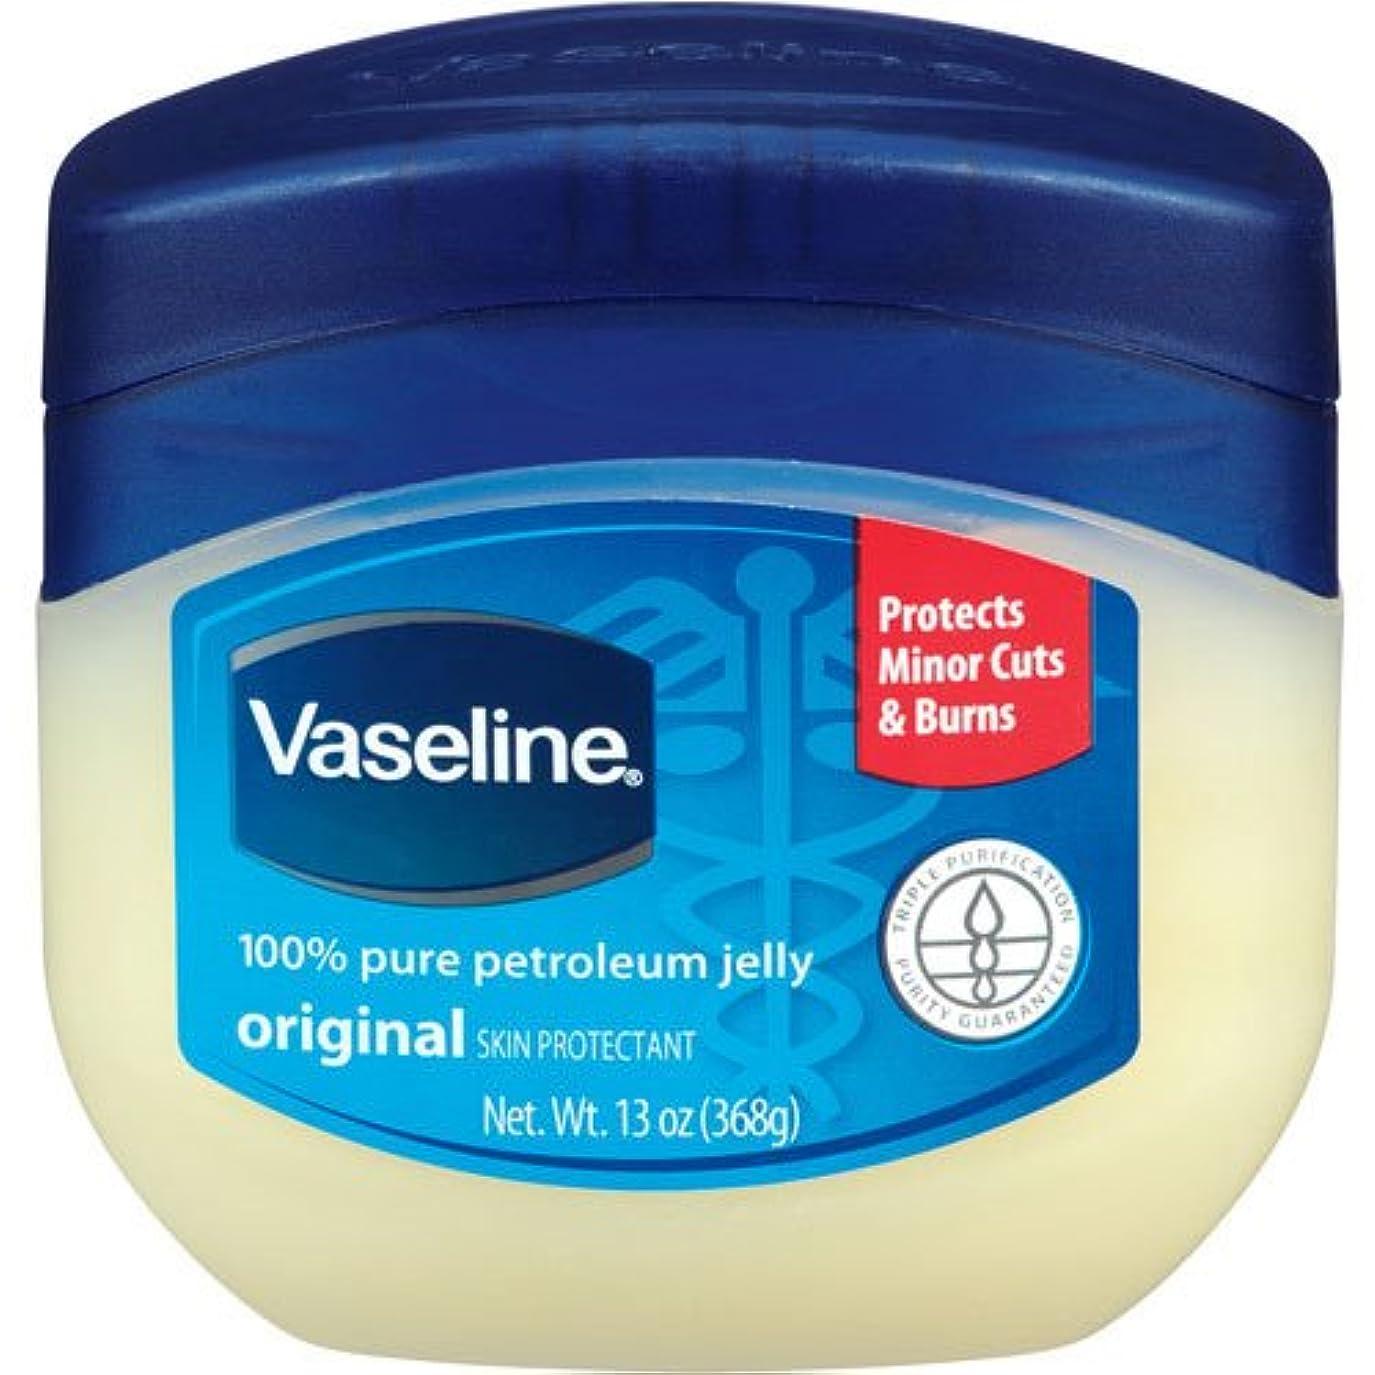 悪因子強化理容師ヴァセリン [Vaseline]ペトロリュームジェリージャータイプ[保湿クリーム]368g[並行輸入品]